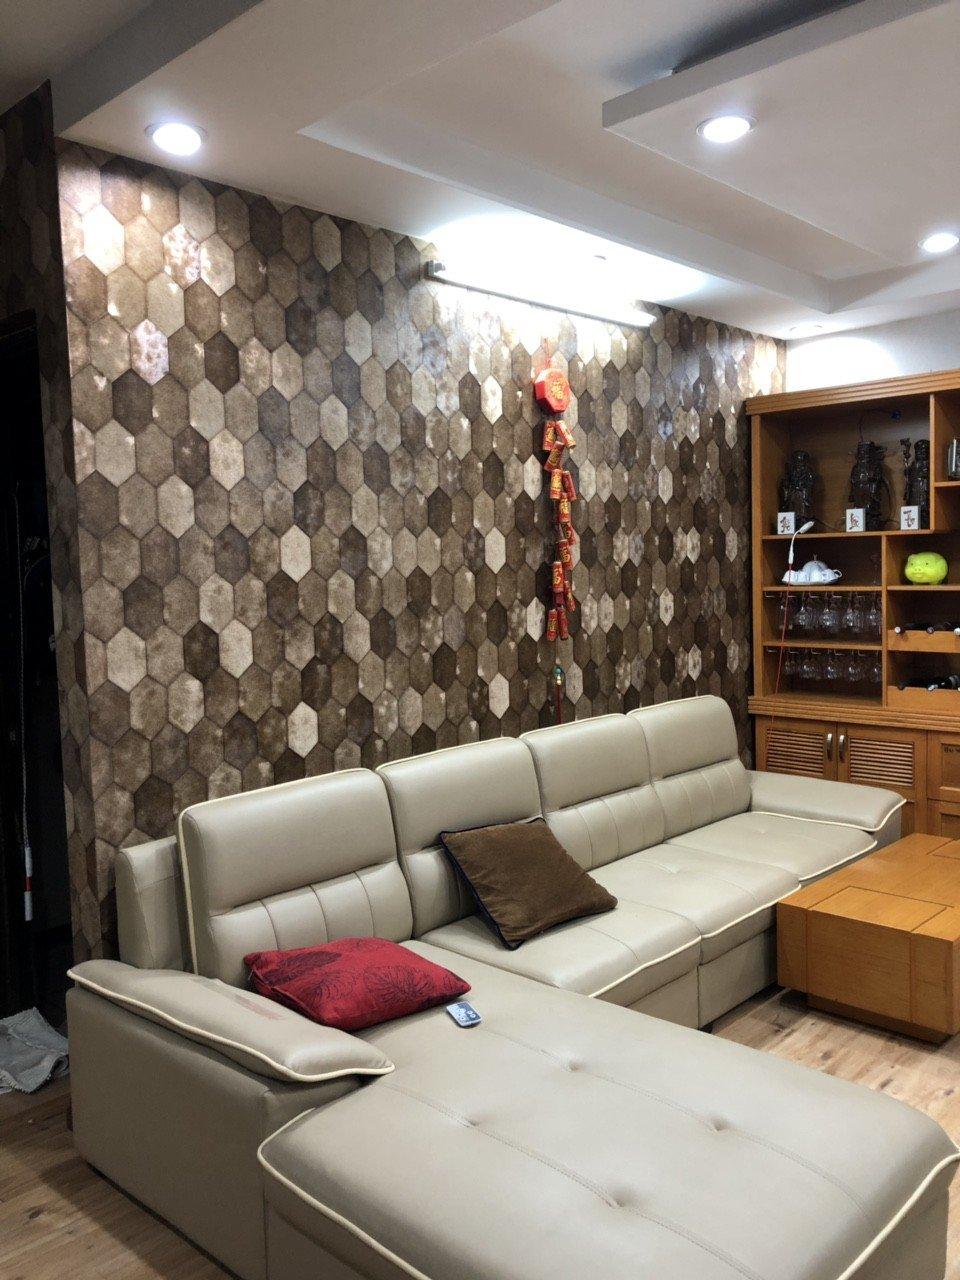 MIDA7013 3 giấy dán tường điểm nhấn phòng khách mida 7013 3